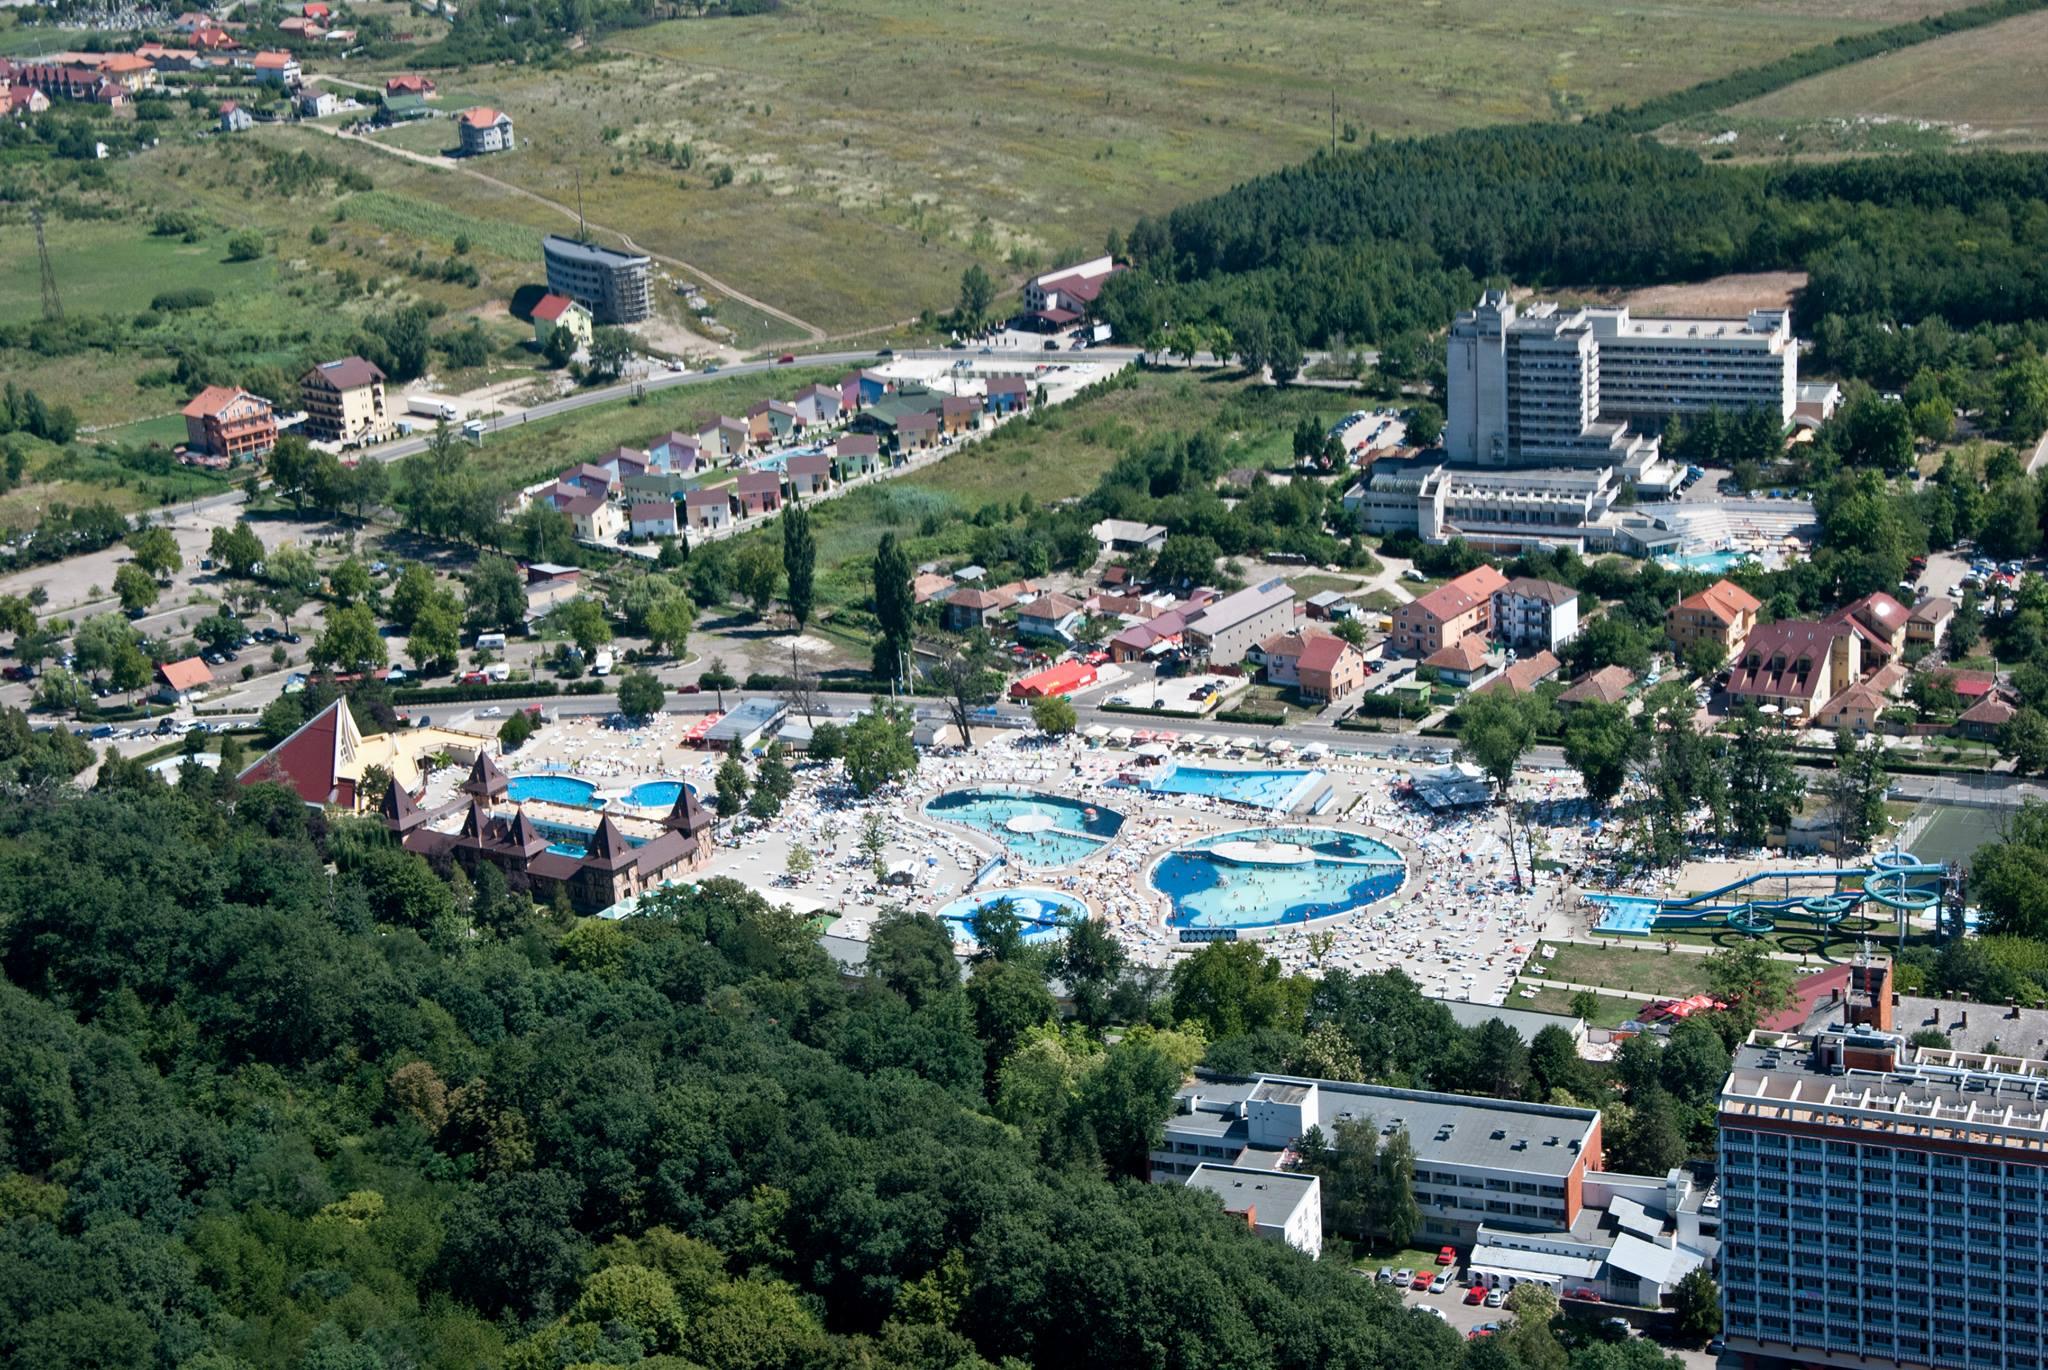 Baile Felix thermal spa resort